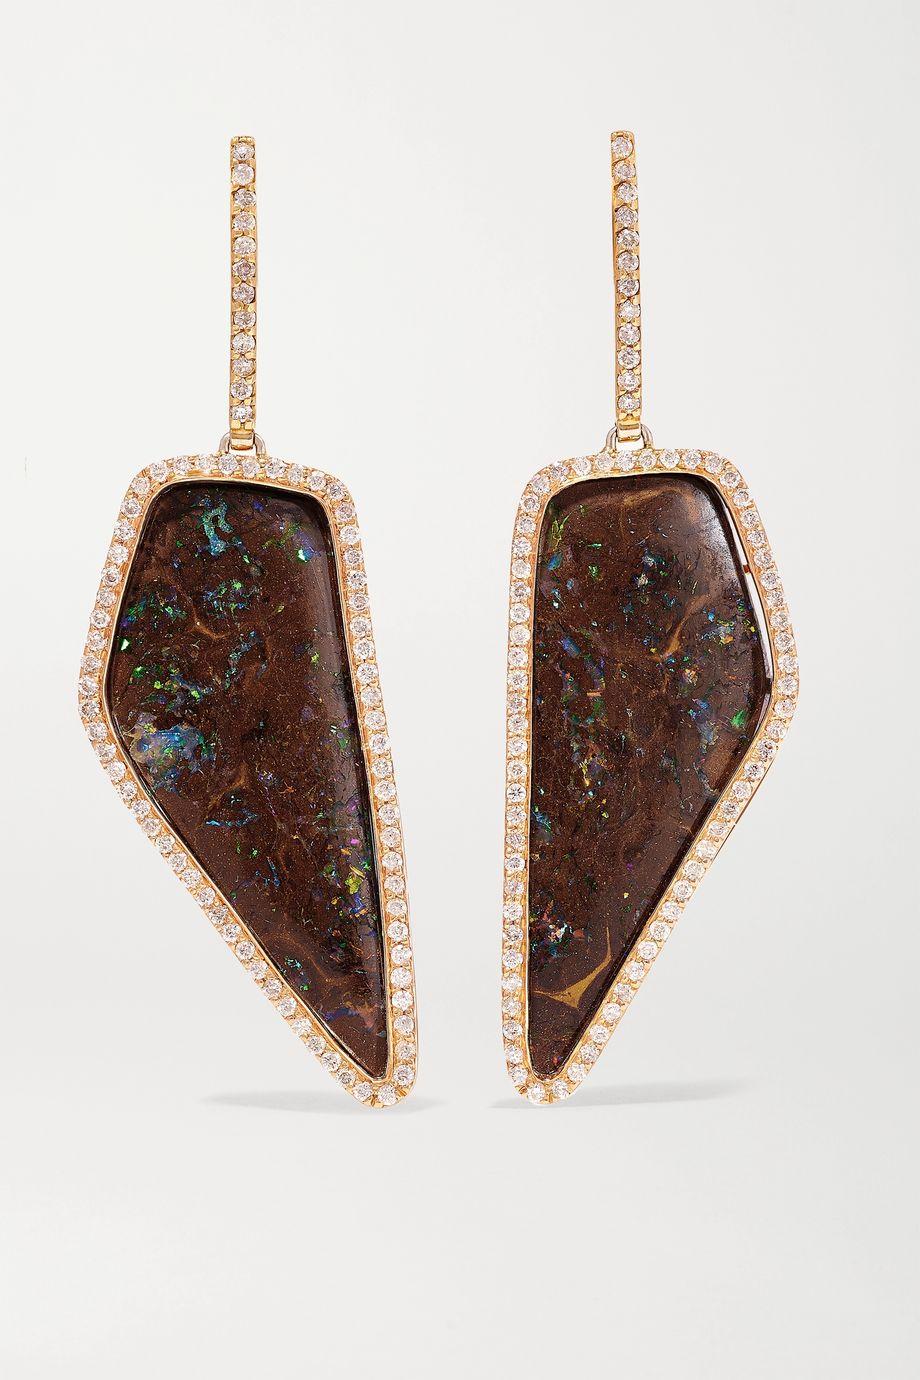 Kimberly McDonald Boucles d'oreilles en or rose 18 carats, opales et diamants